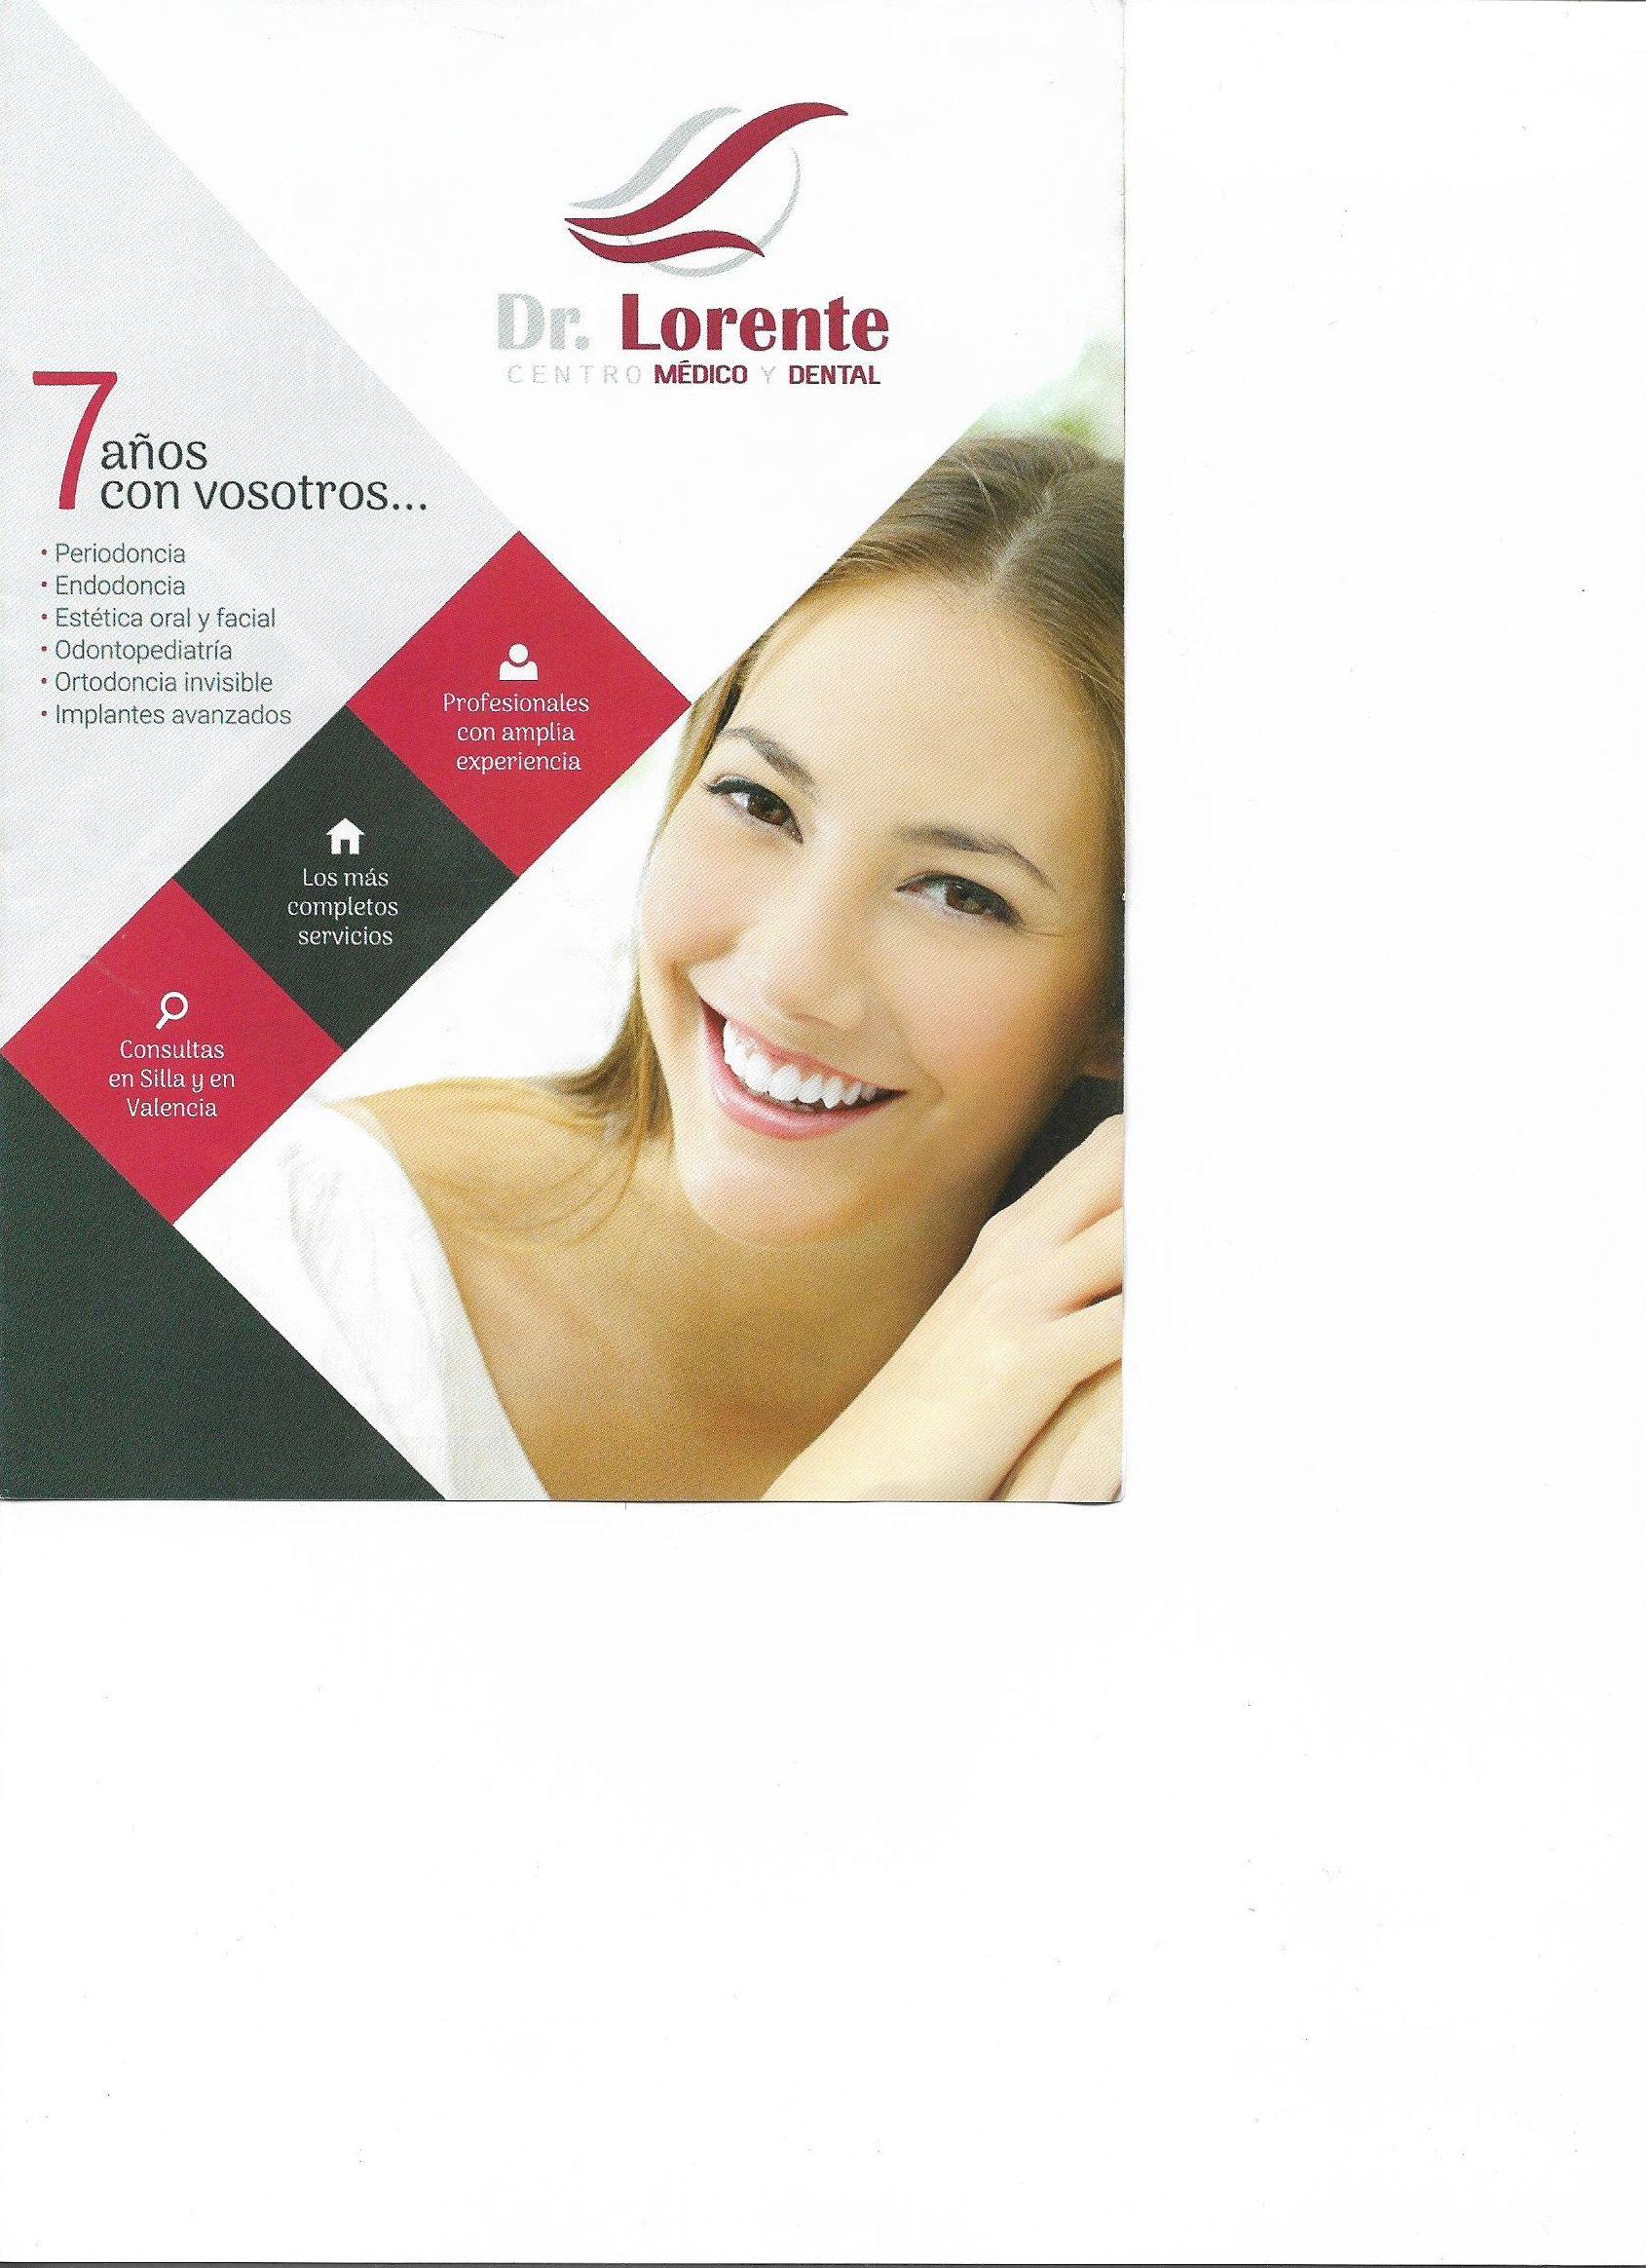 DR.LORENTE